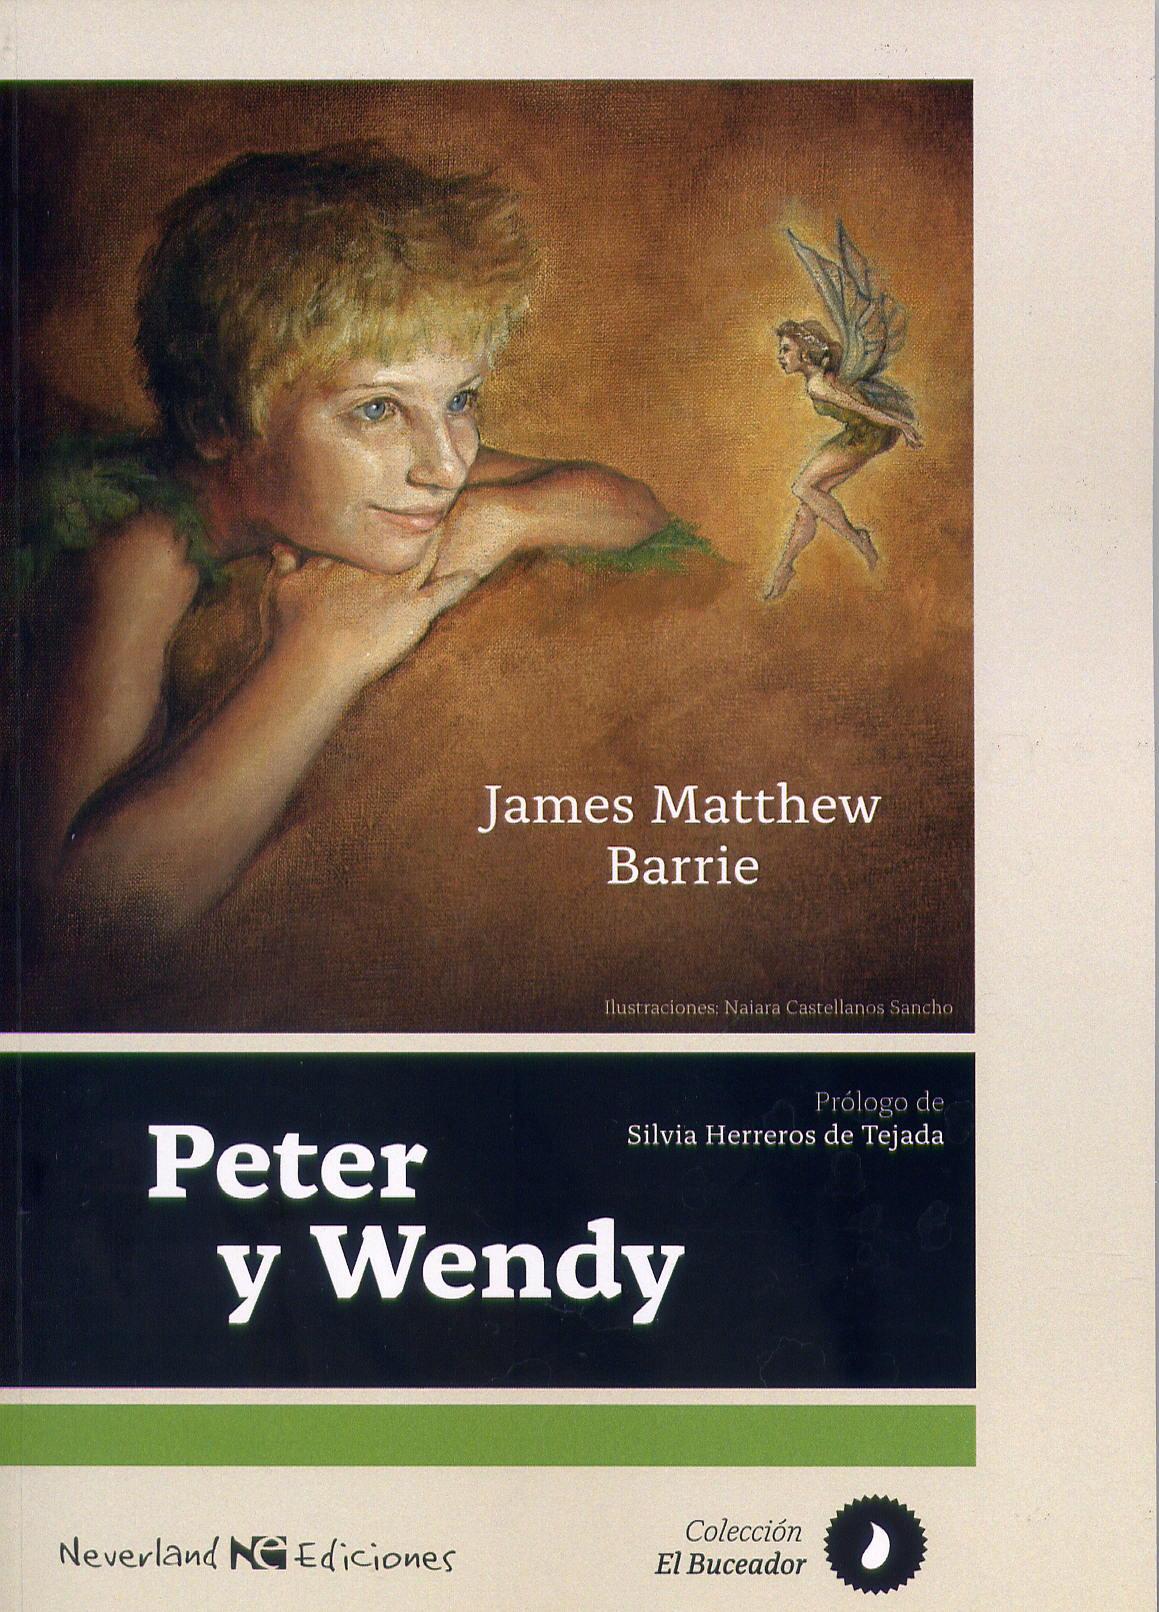 Peter y Wendy, J.M. Barrie